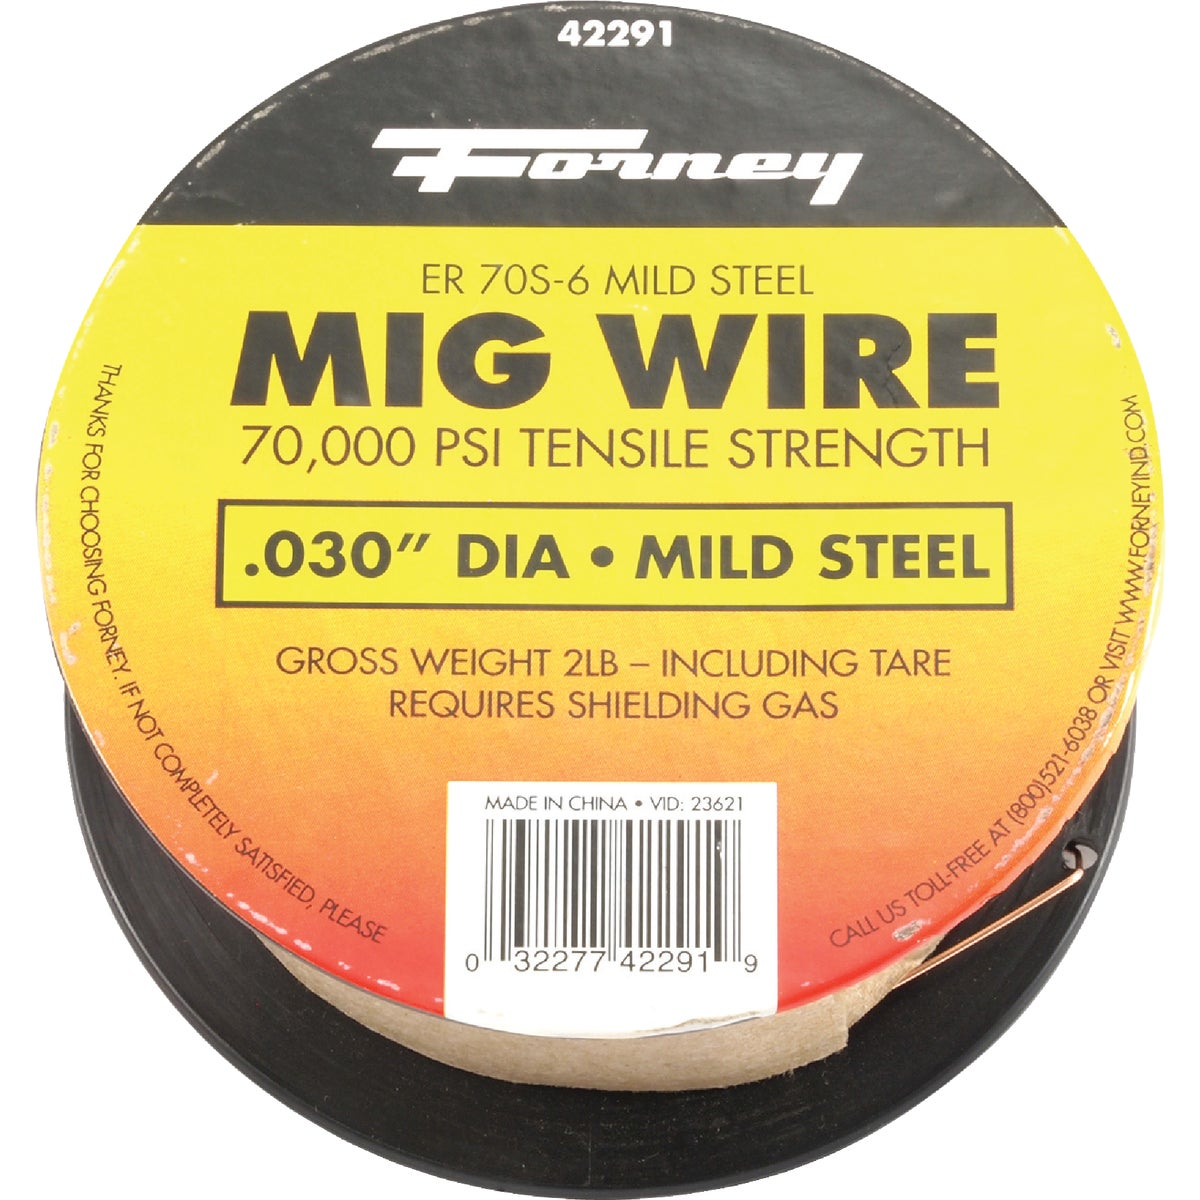 2LB .030 MIG WIRE